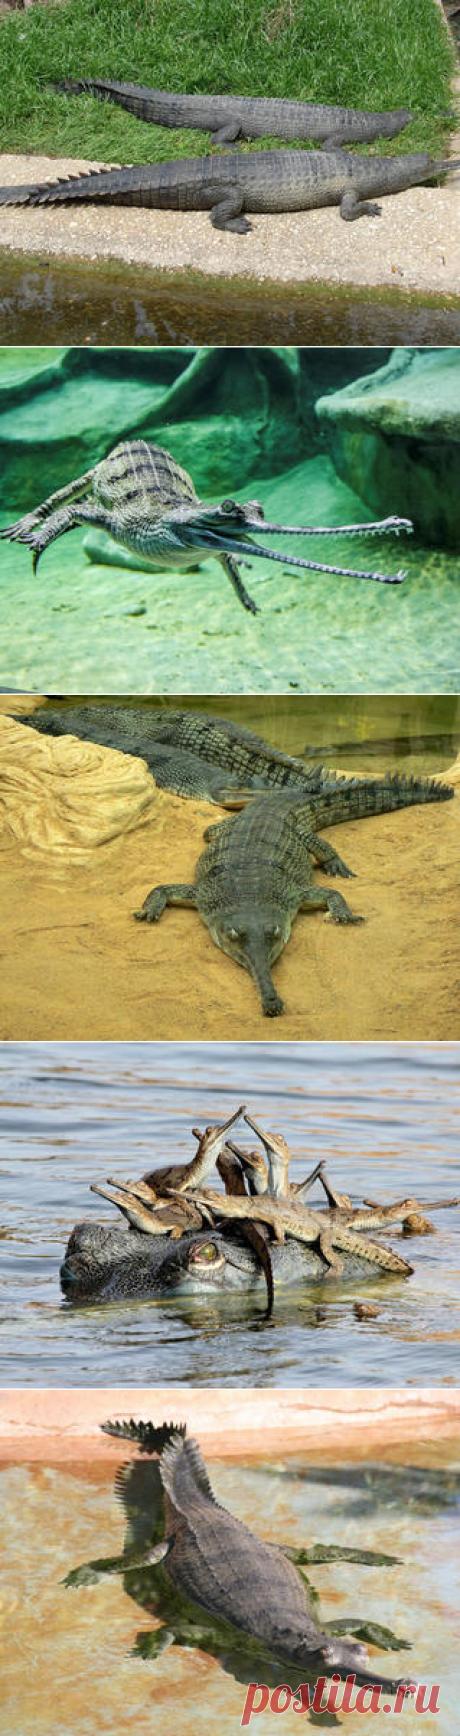 Смотреть изображения гангских гавиалов | Зооляндия